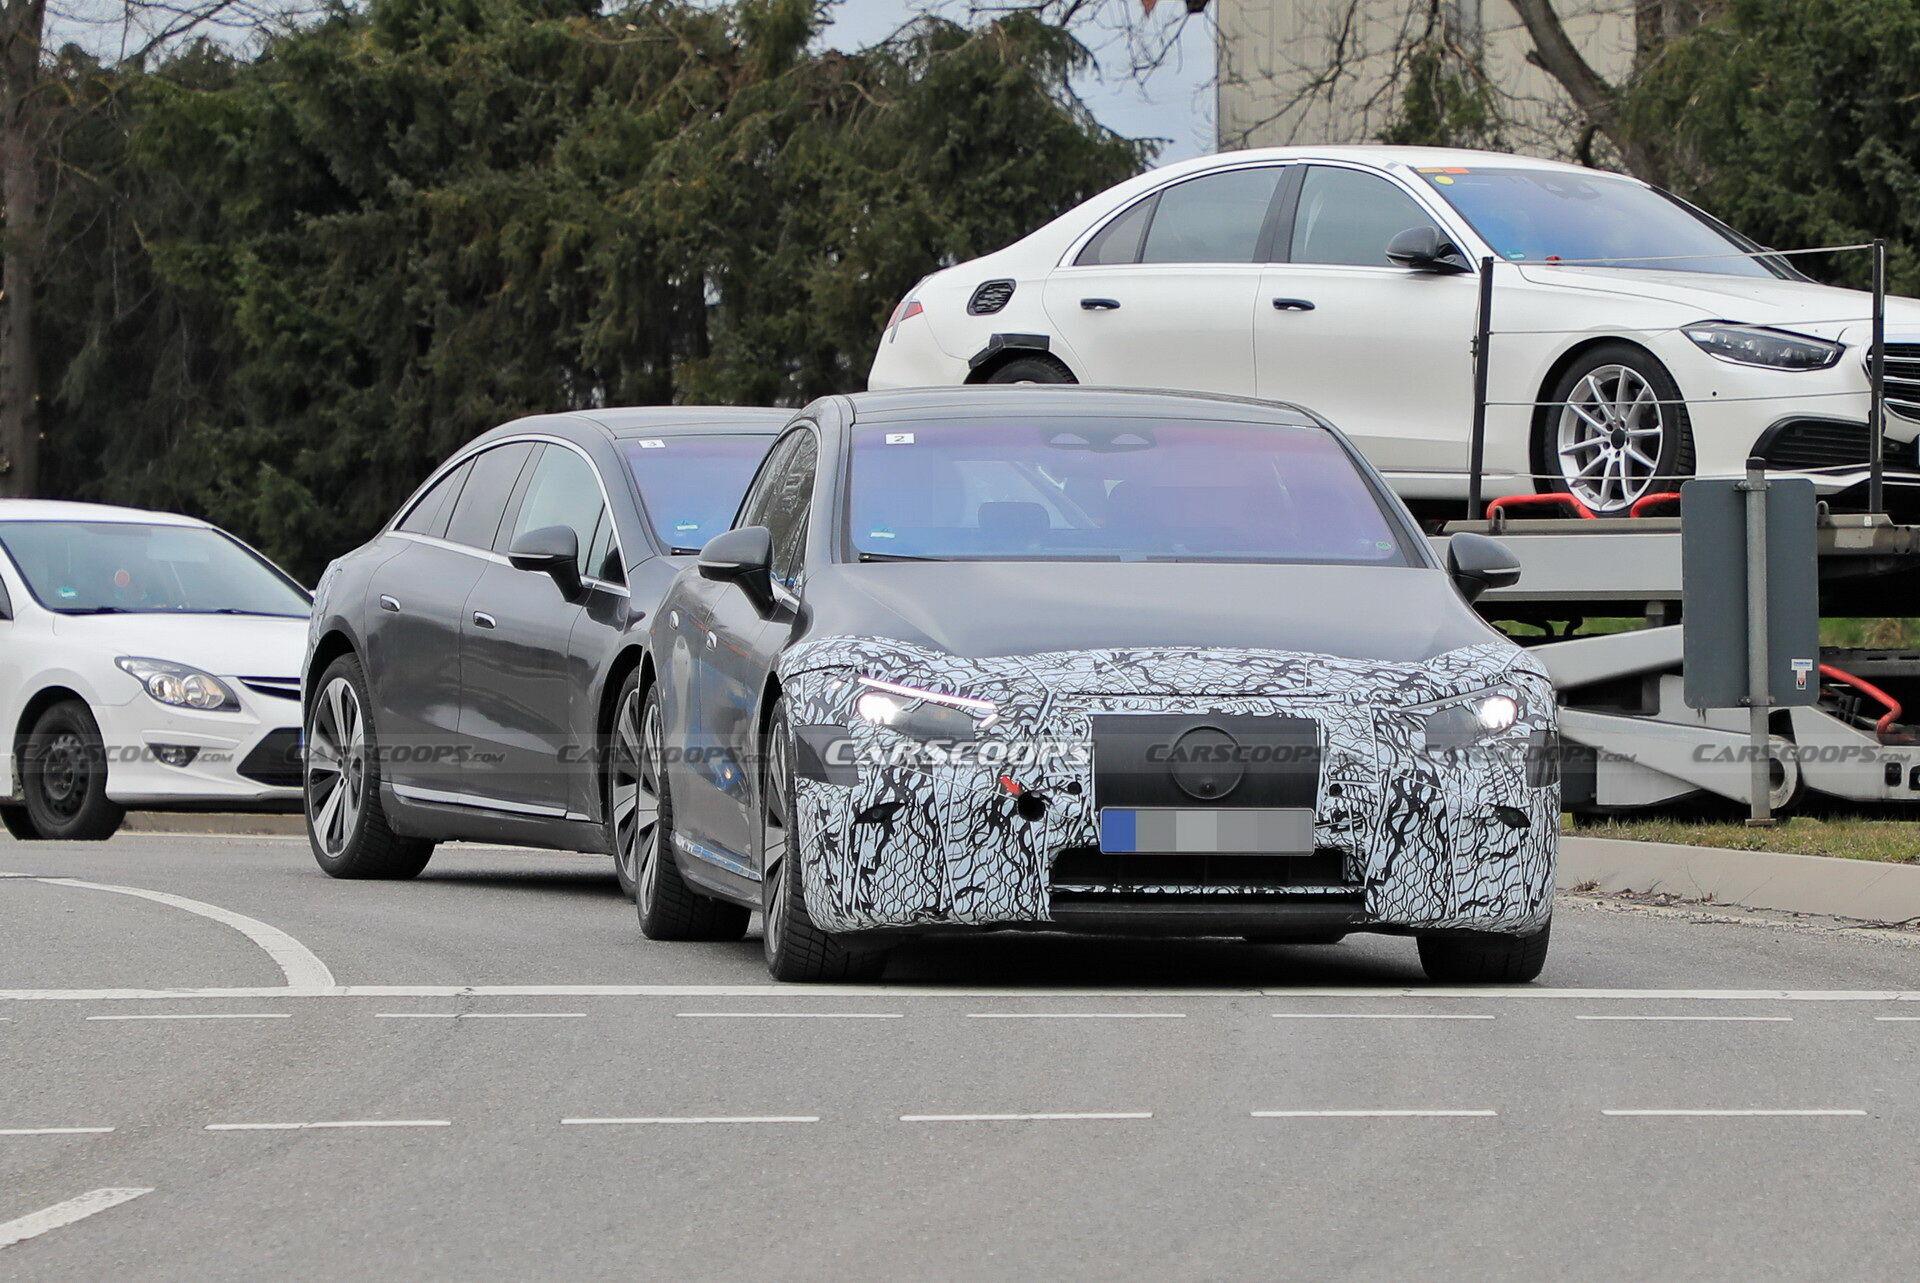 На дорогах недалеко от Штутгарта папарацци заметили тестовые прототипы Mercedes-Benz EQS